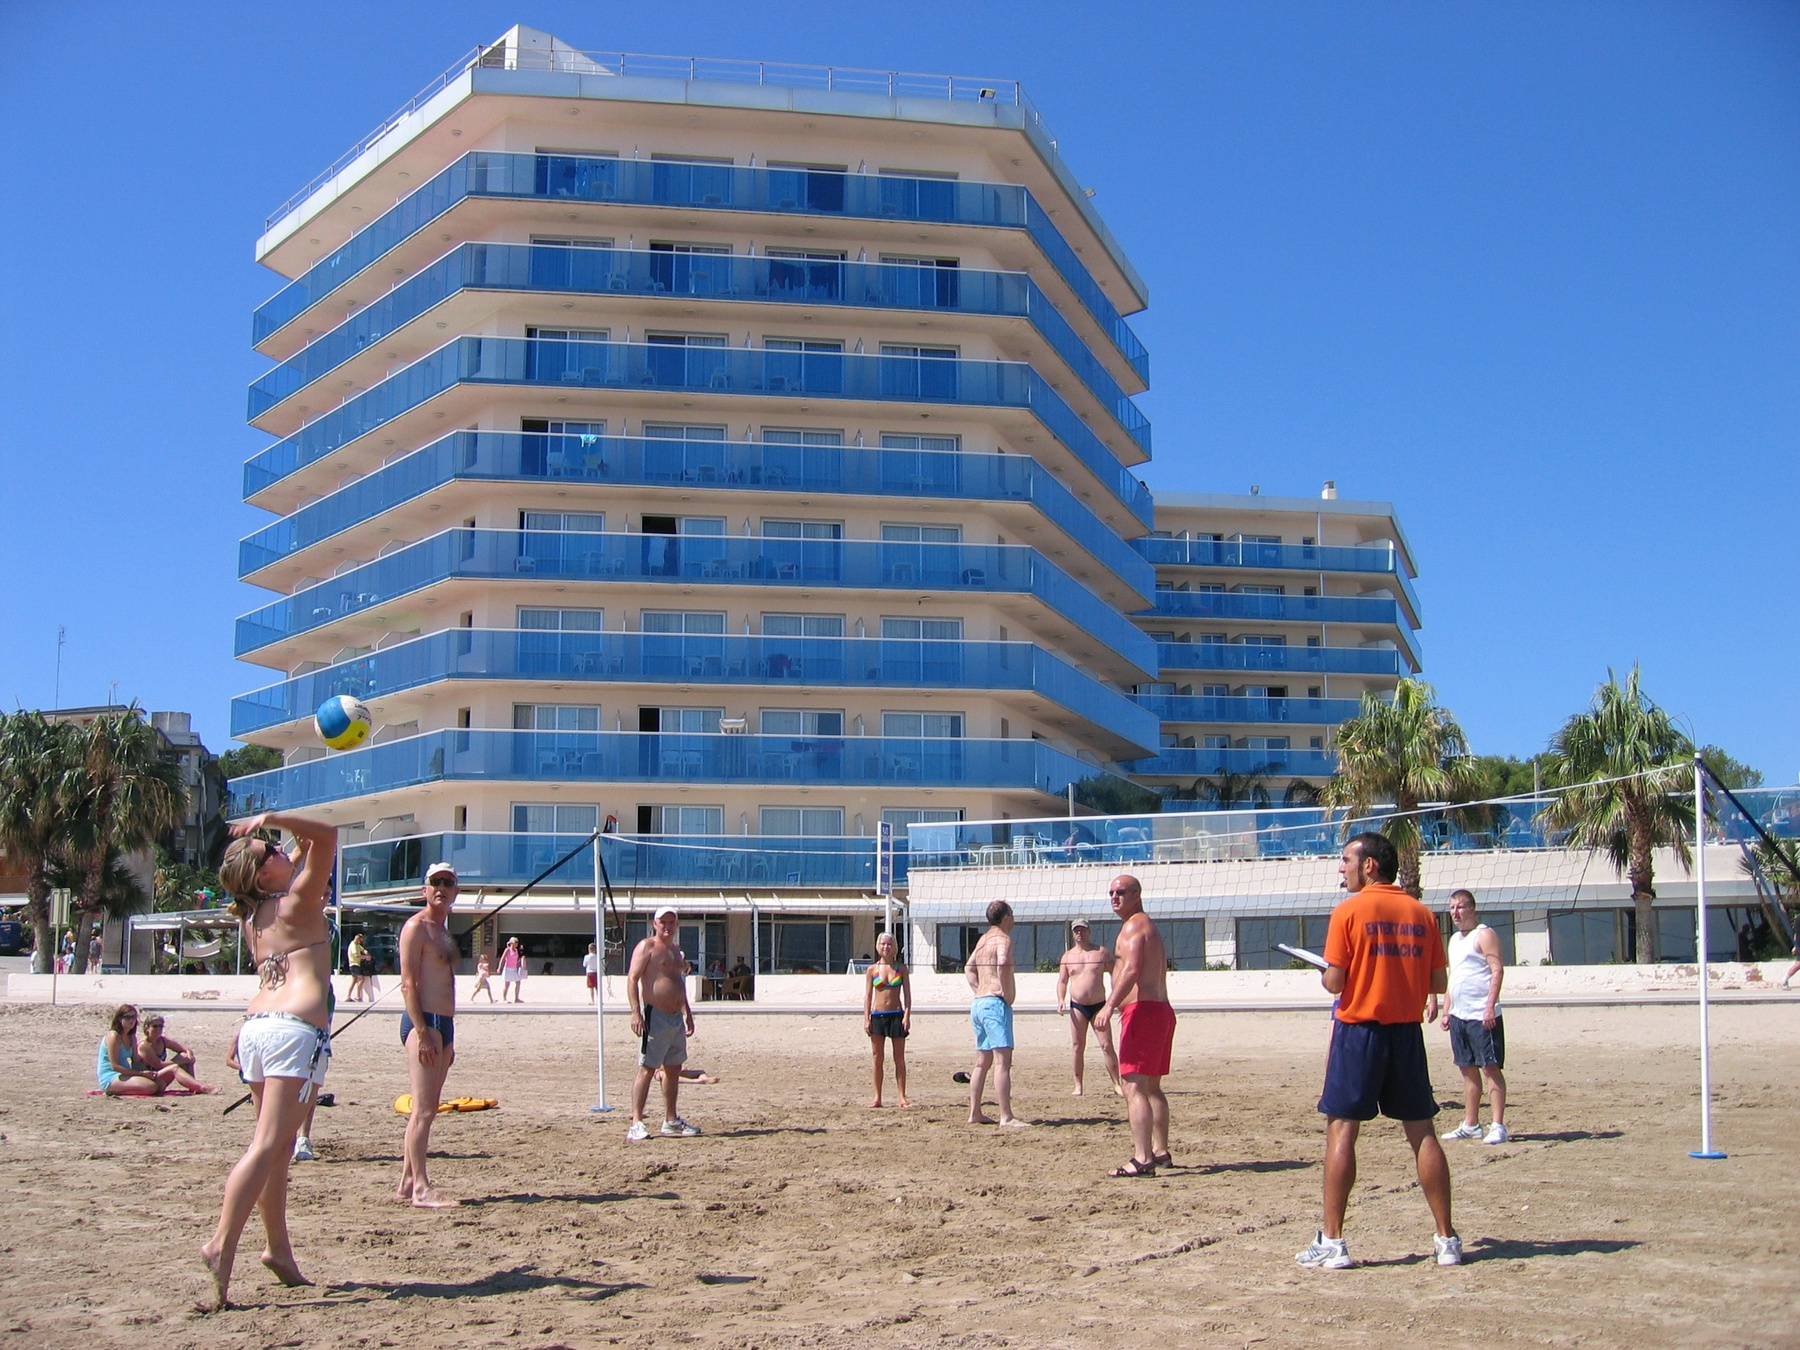 hotel playa actividades juegos Costa Dorada piscina